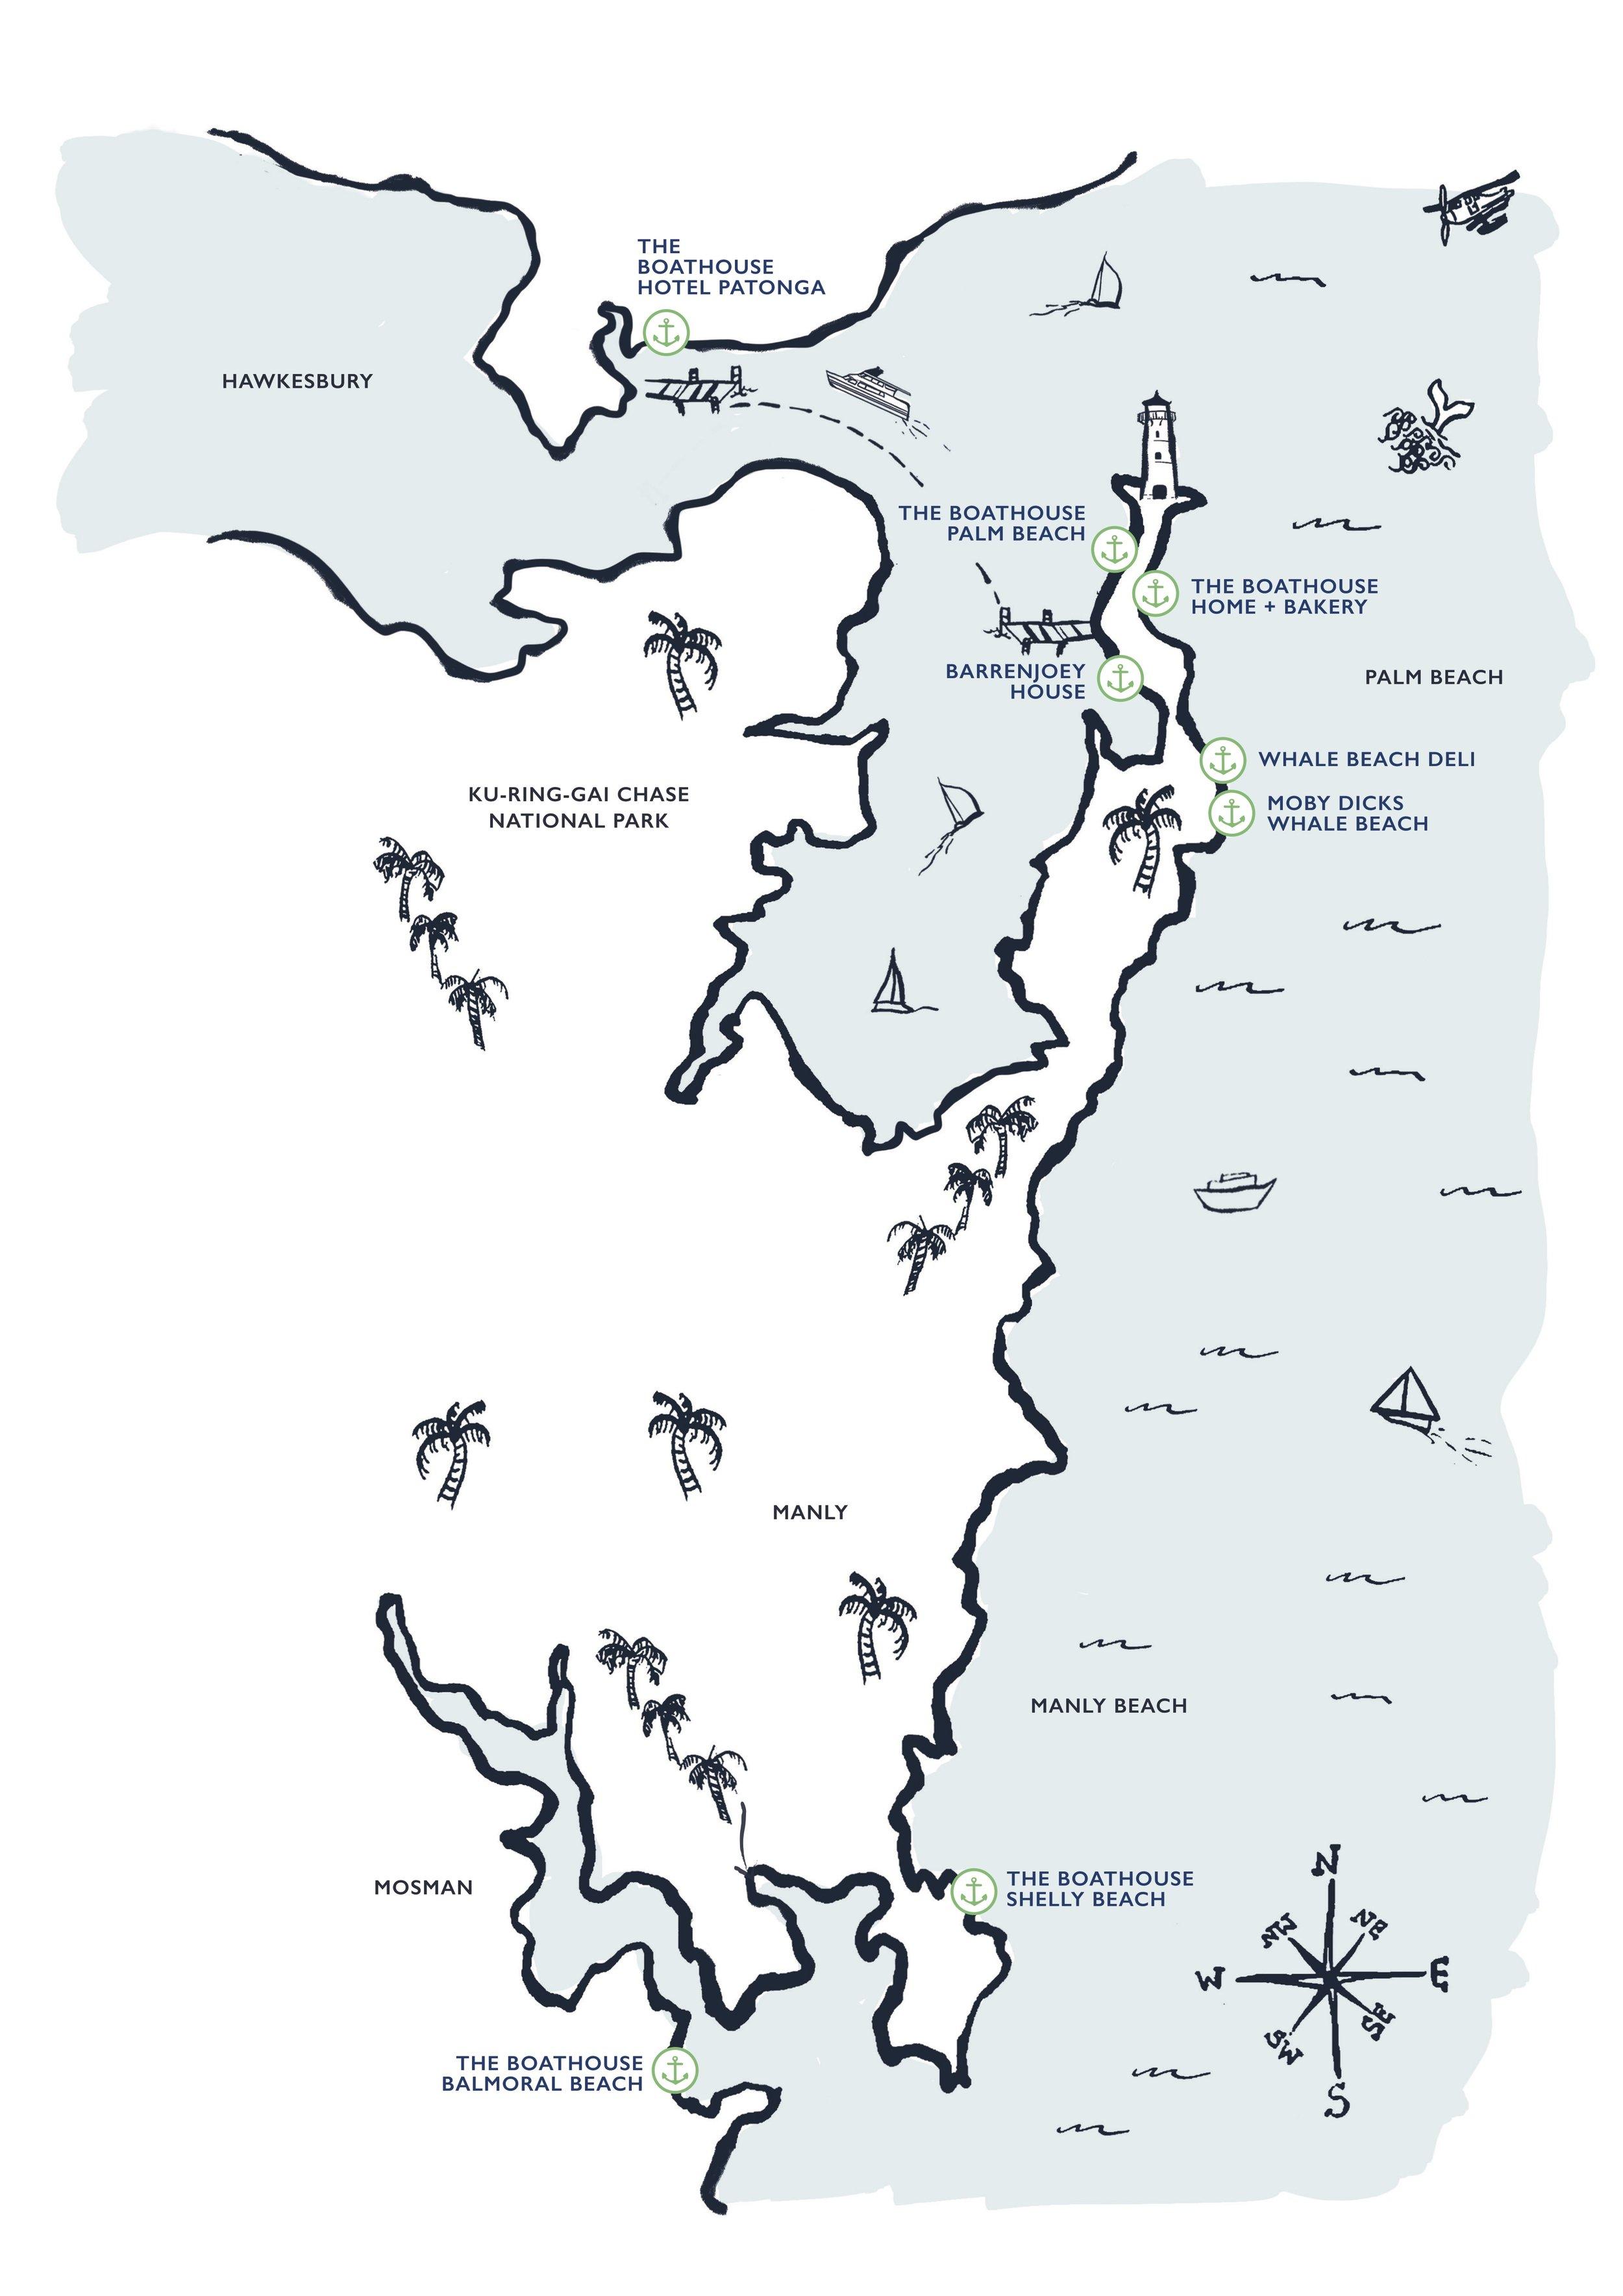 190037-Map-full-peninsula-FINAL-A3.jpg